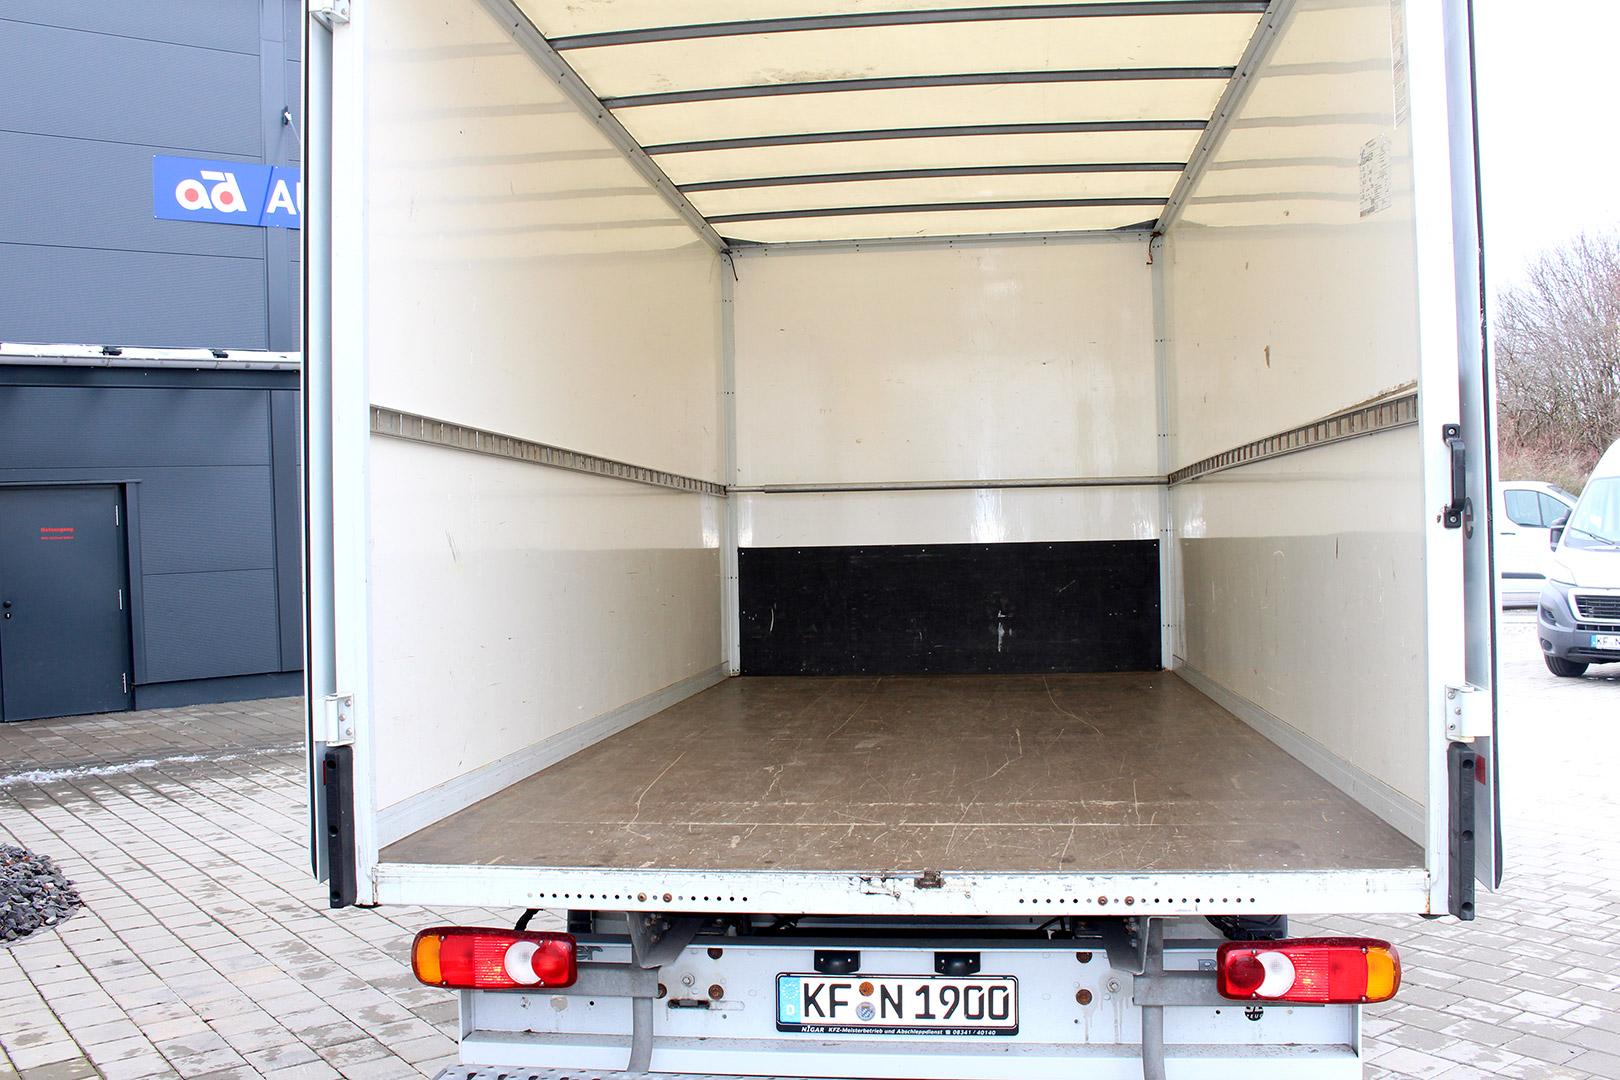 Vermietung_Kaufbeuren_Renault-Master-Koffer-002